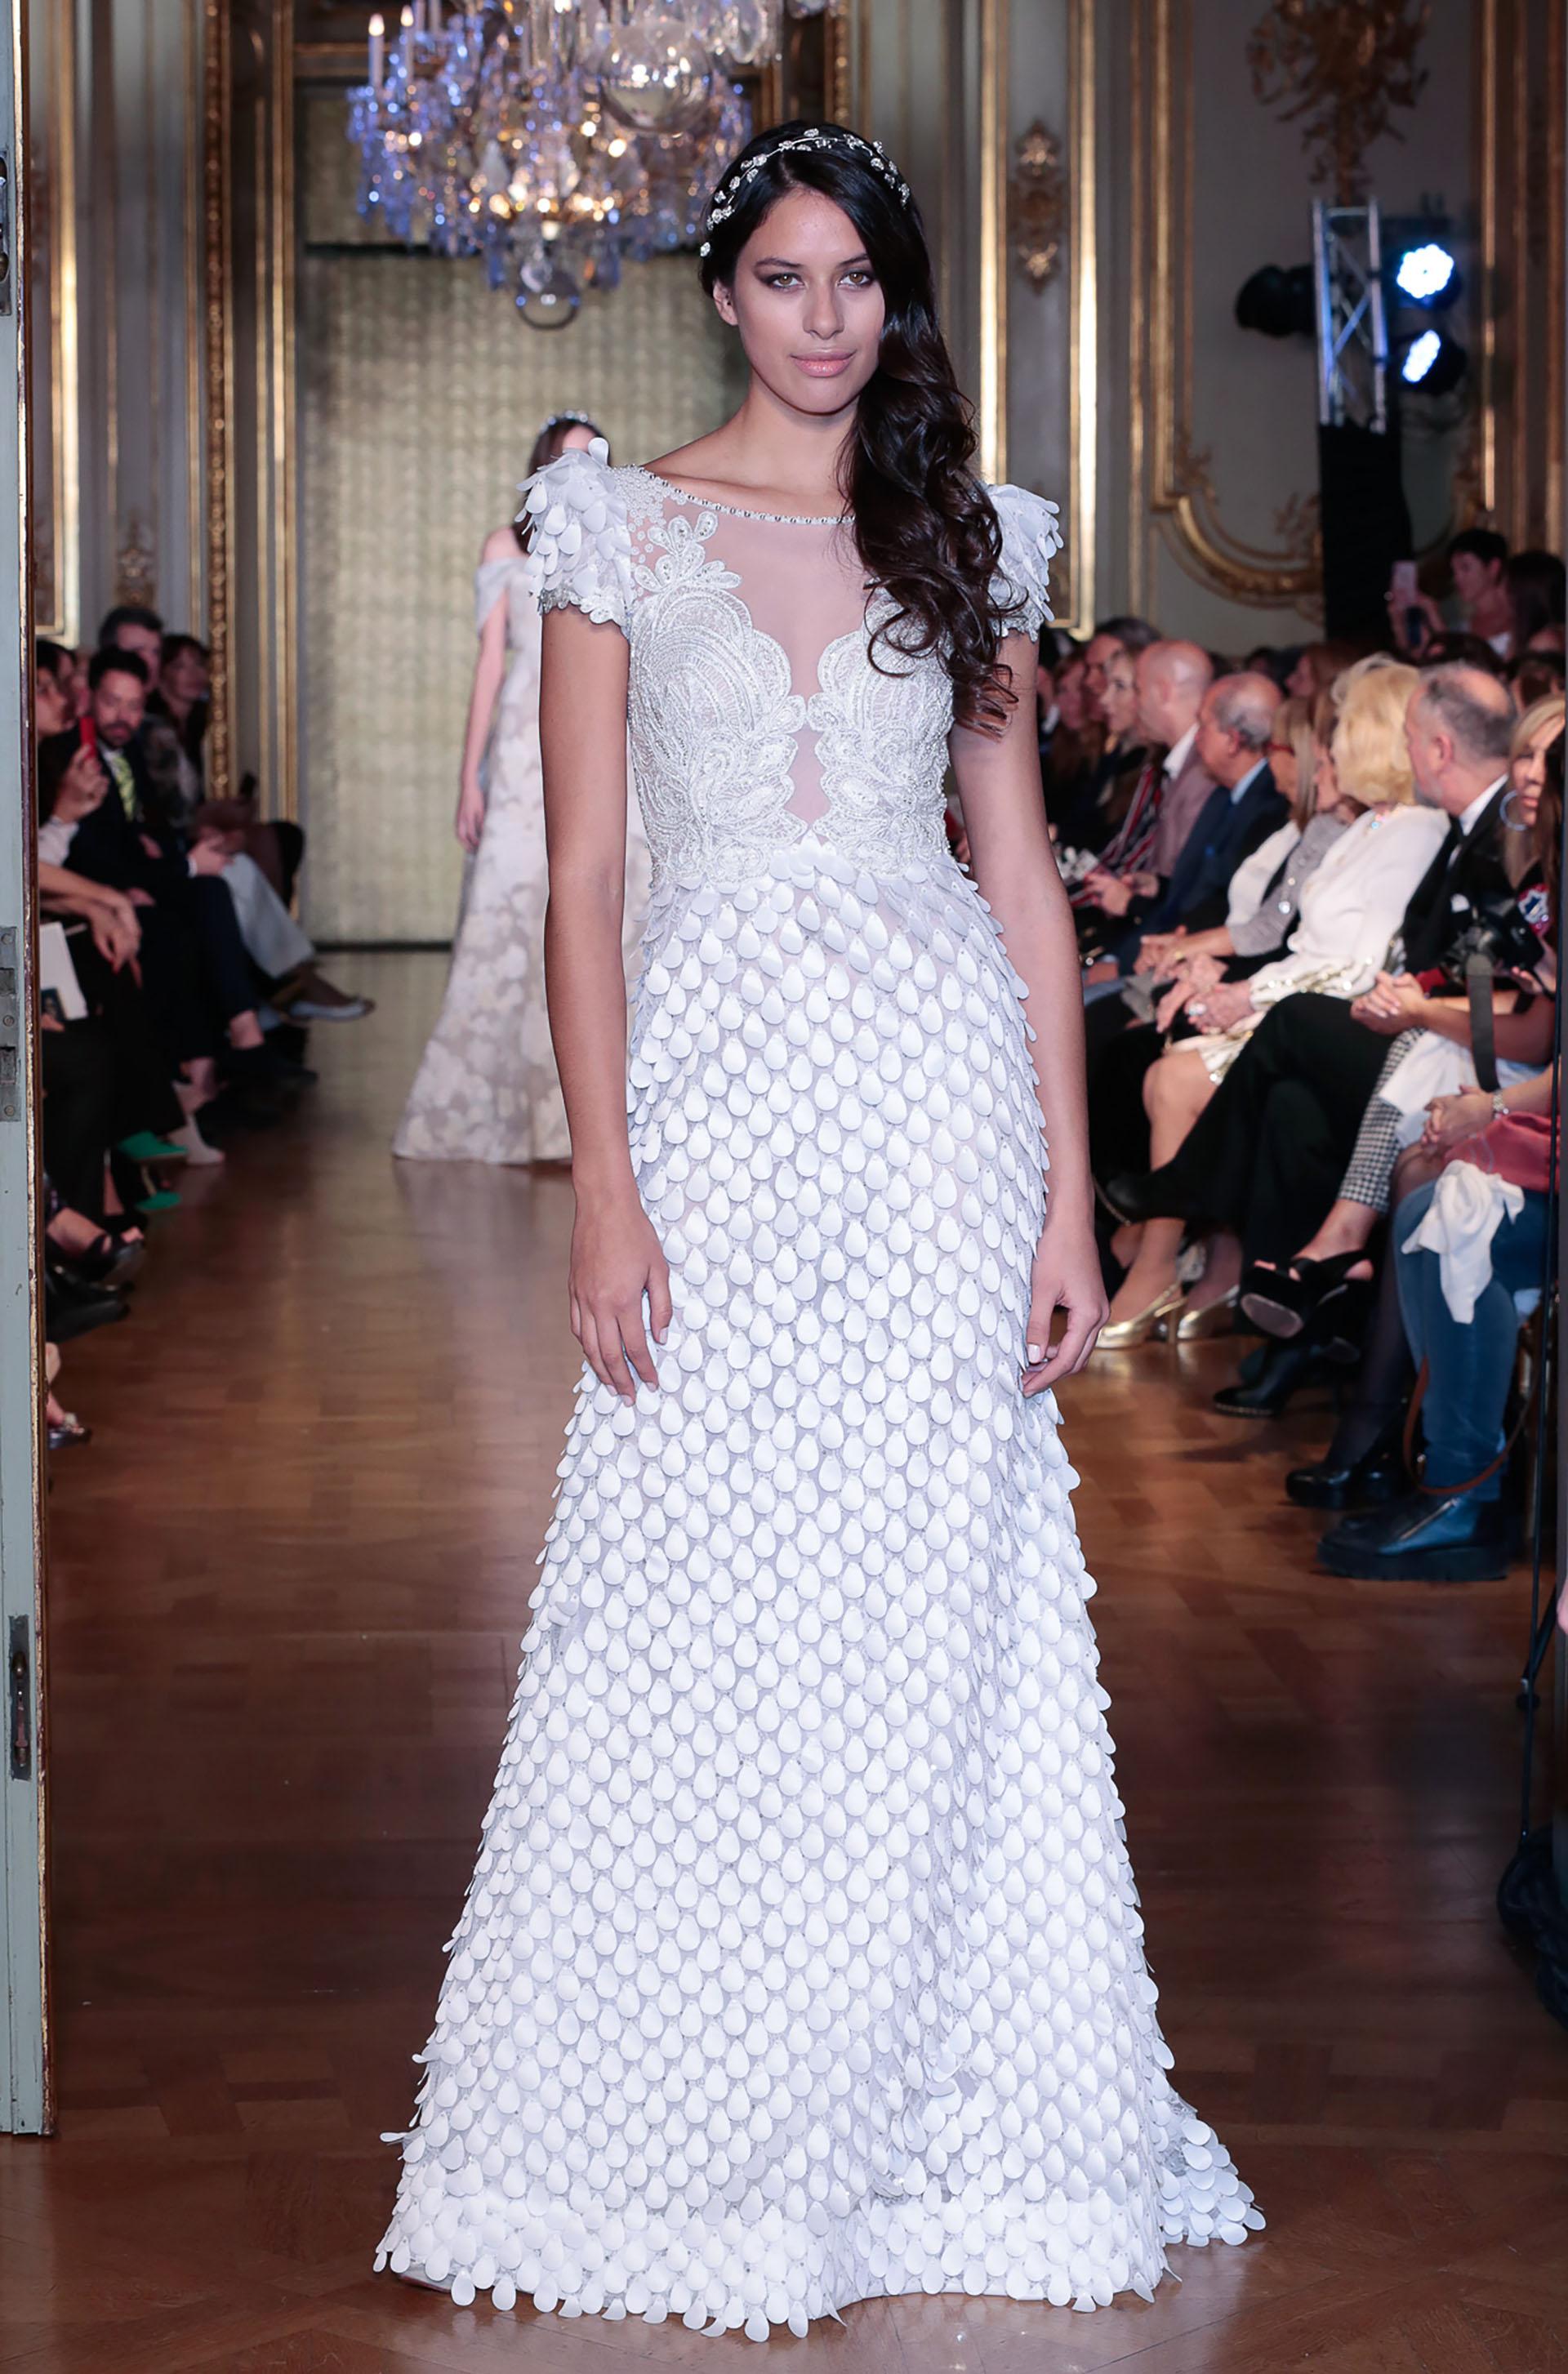 """Junto a """"Dancers"""", se reveló""""White Bride Limited Edition"""" una delicada, refinada, lozana y selecta colección de novias, lista para deslumbrar el día de la boda"""